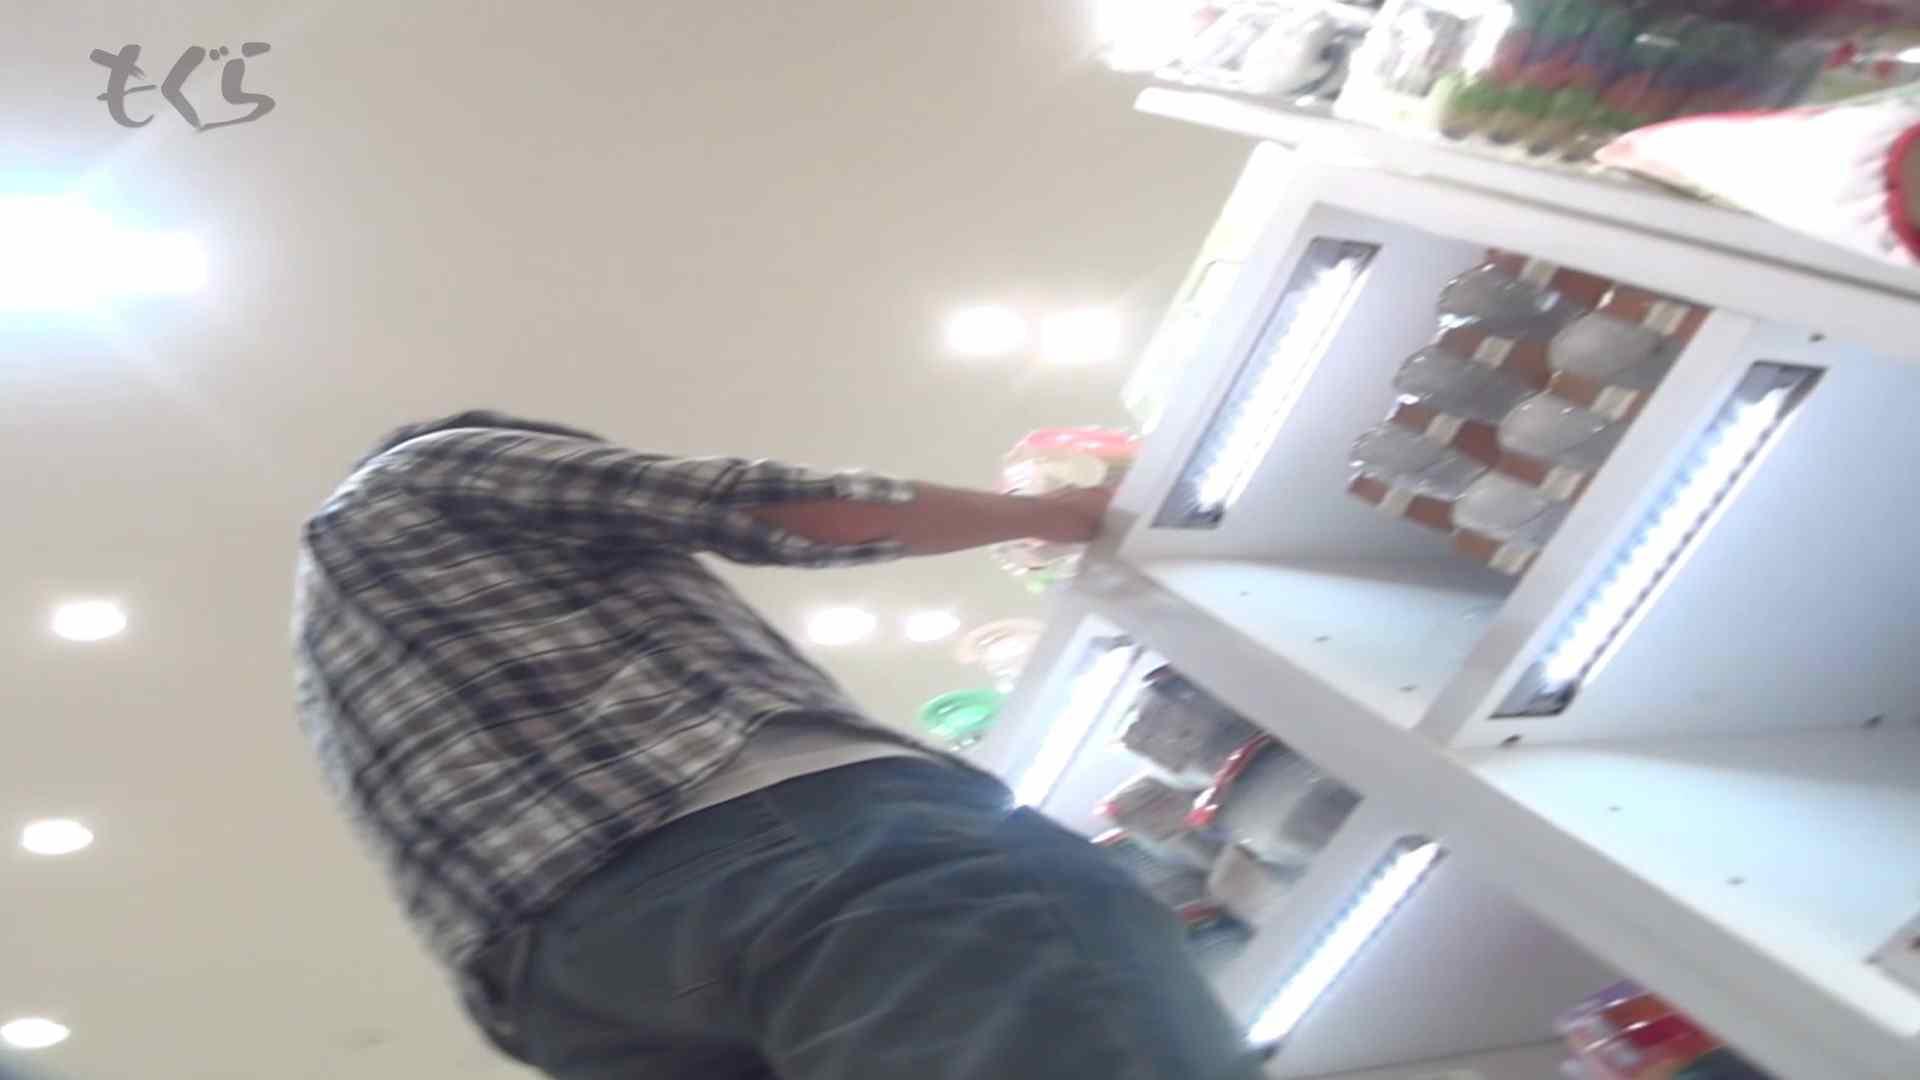 隣からNo20 短めヒラヒラ系ギャルGET!! ギャル盗撮映像  109PIX 28